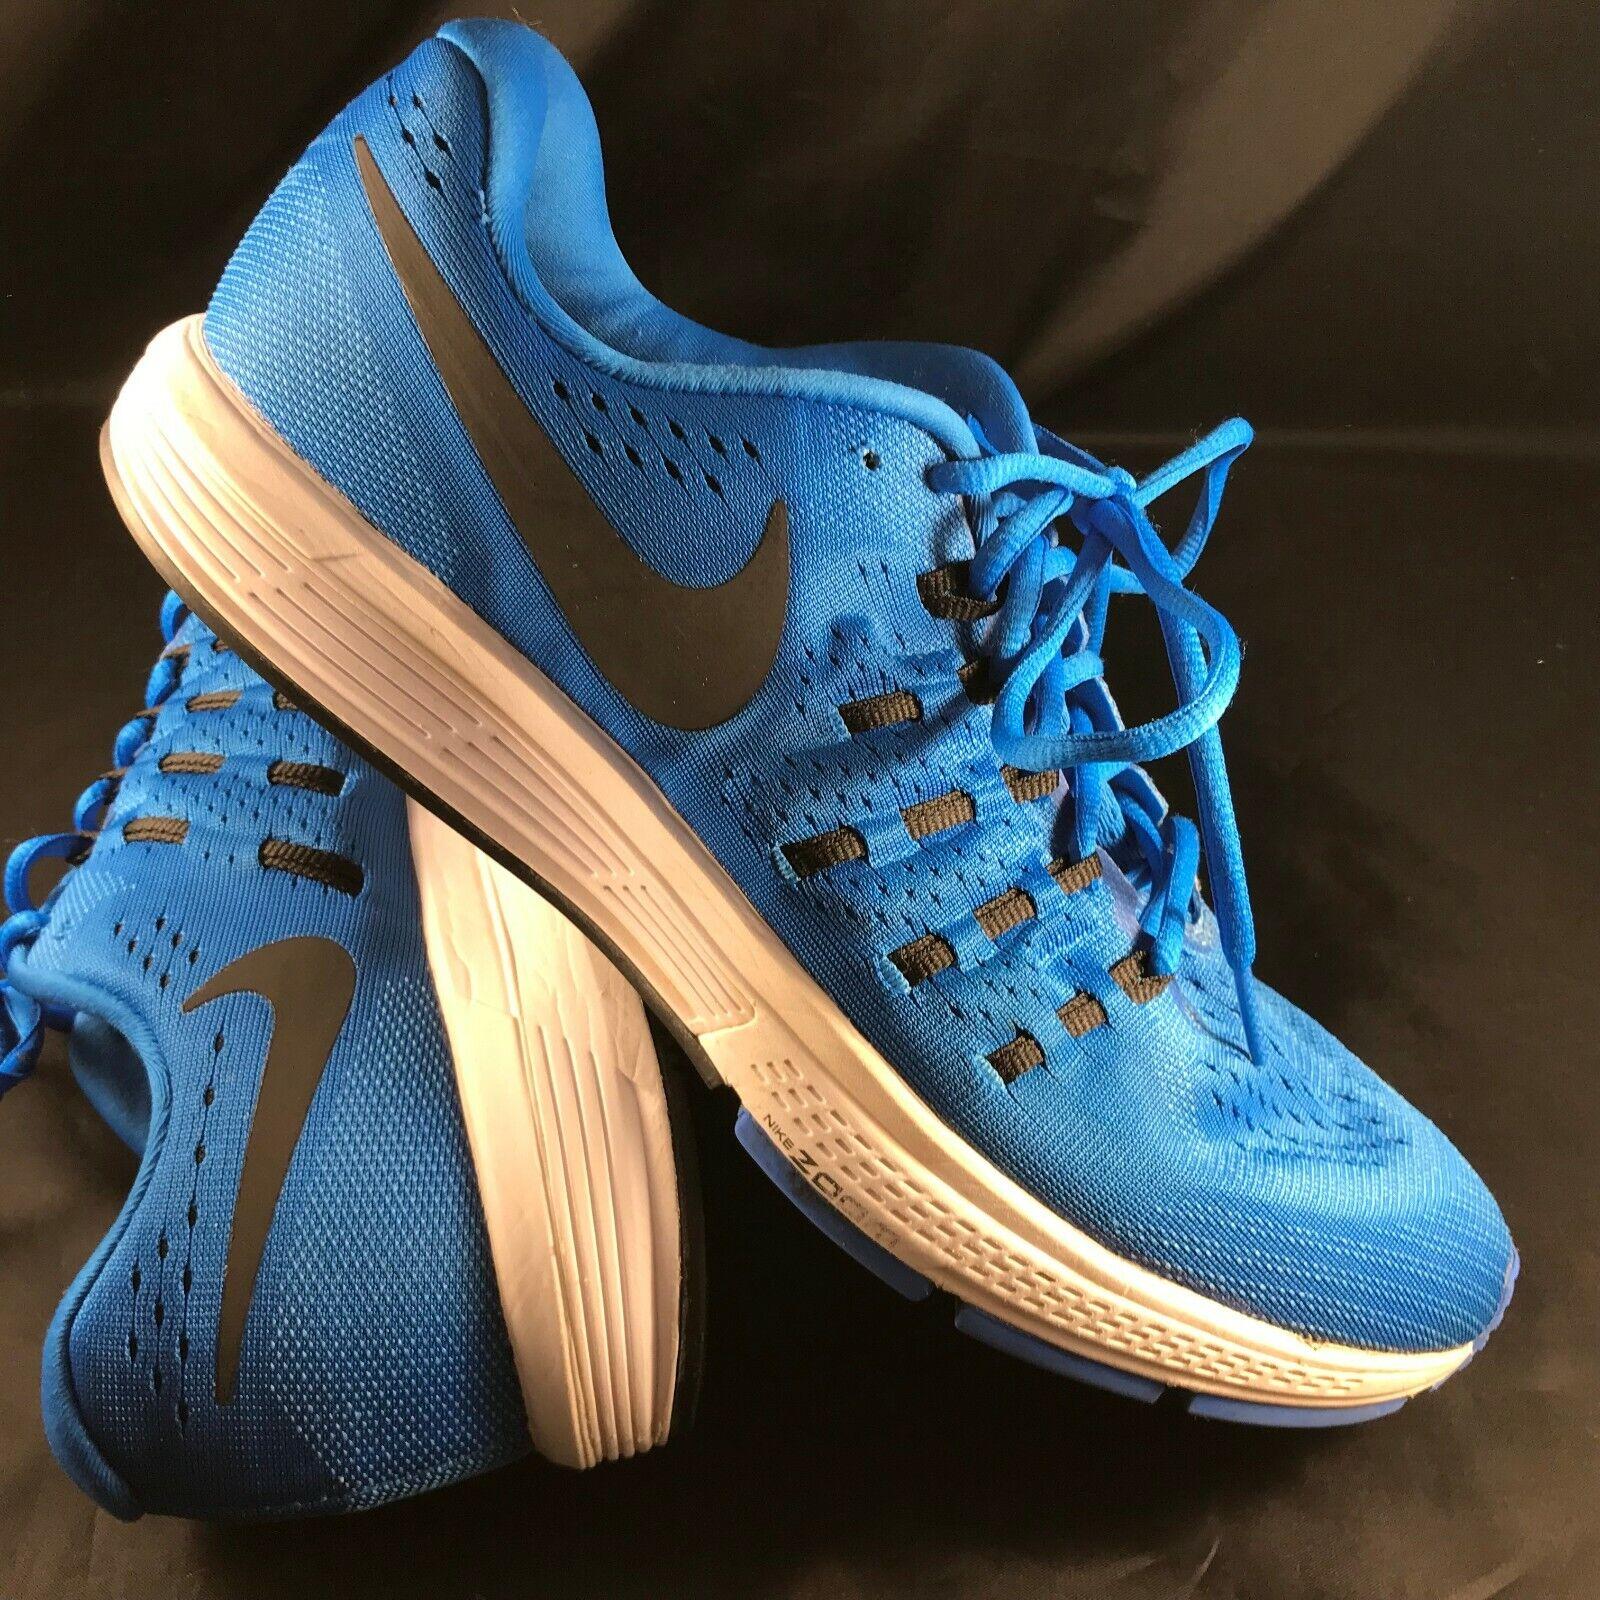 Nike Herren Luft Zoom Vomero 11 - Blau Schwarz (818099-401) Mint Zustand 11.5 US